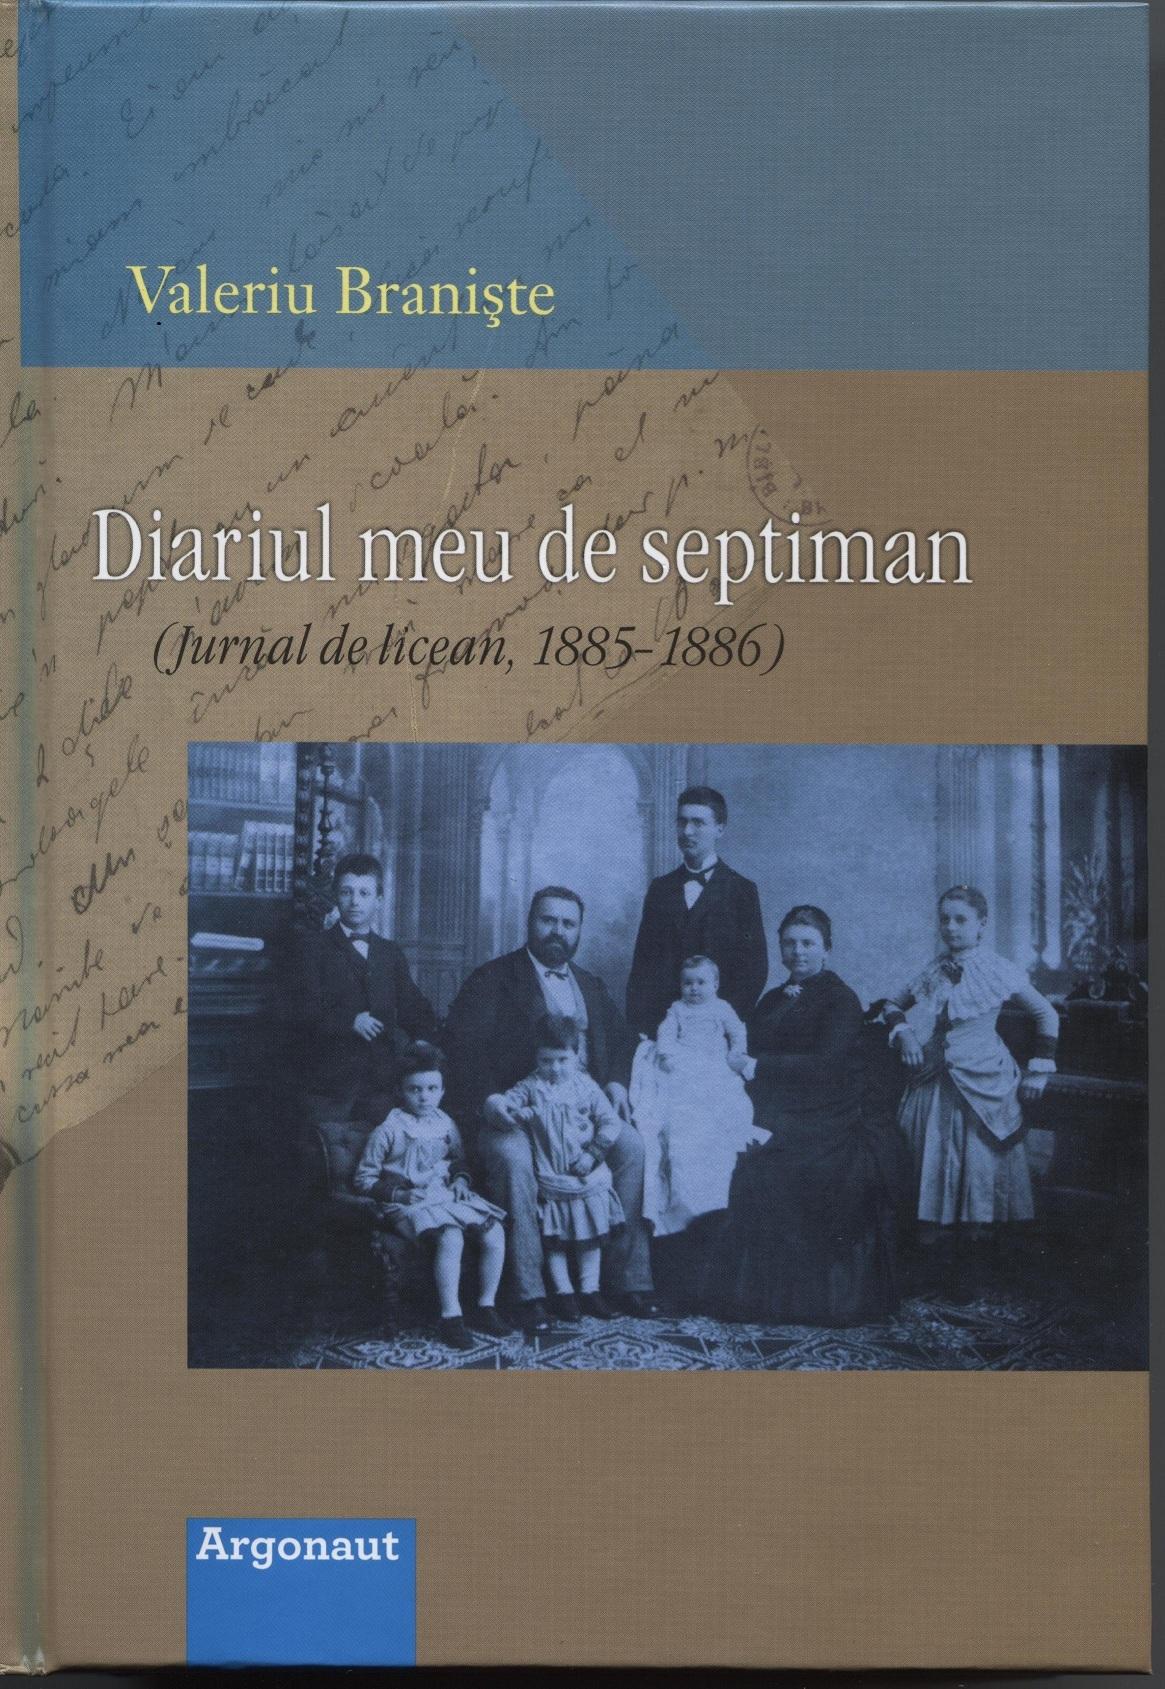 diariul_lansare_carte_valeriu_braniste_1421691841